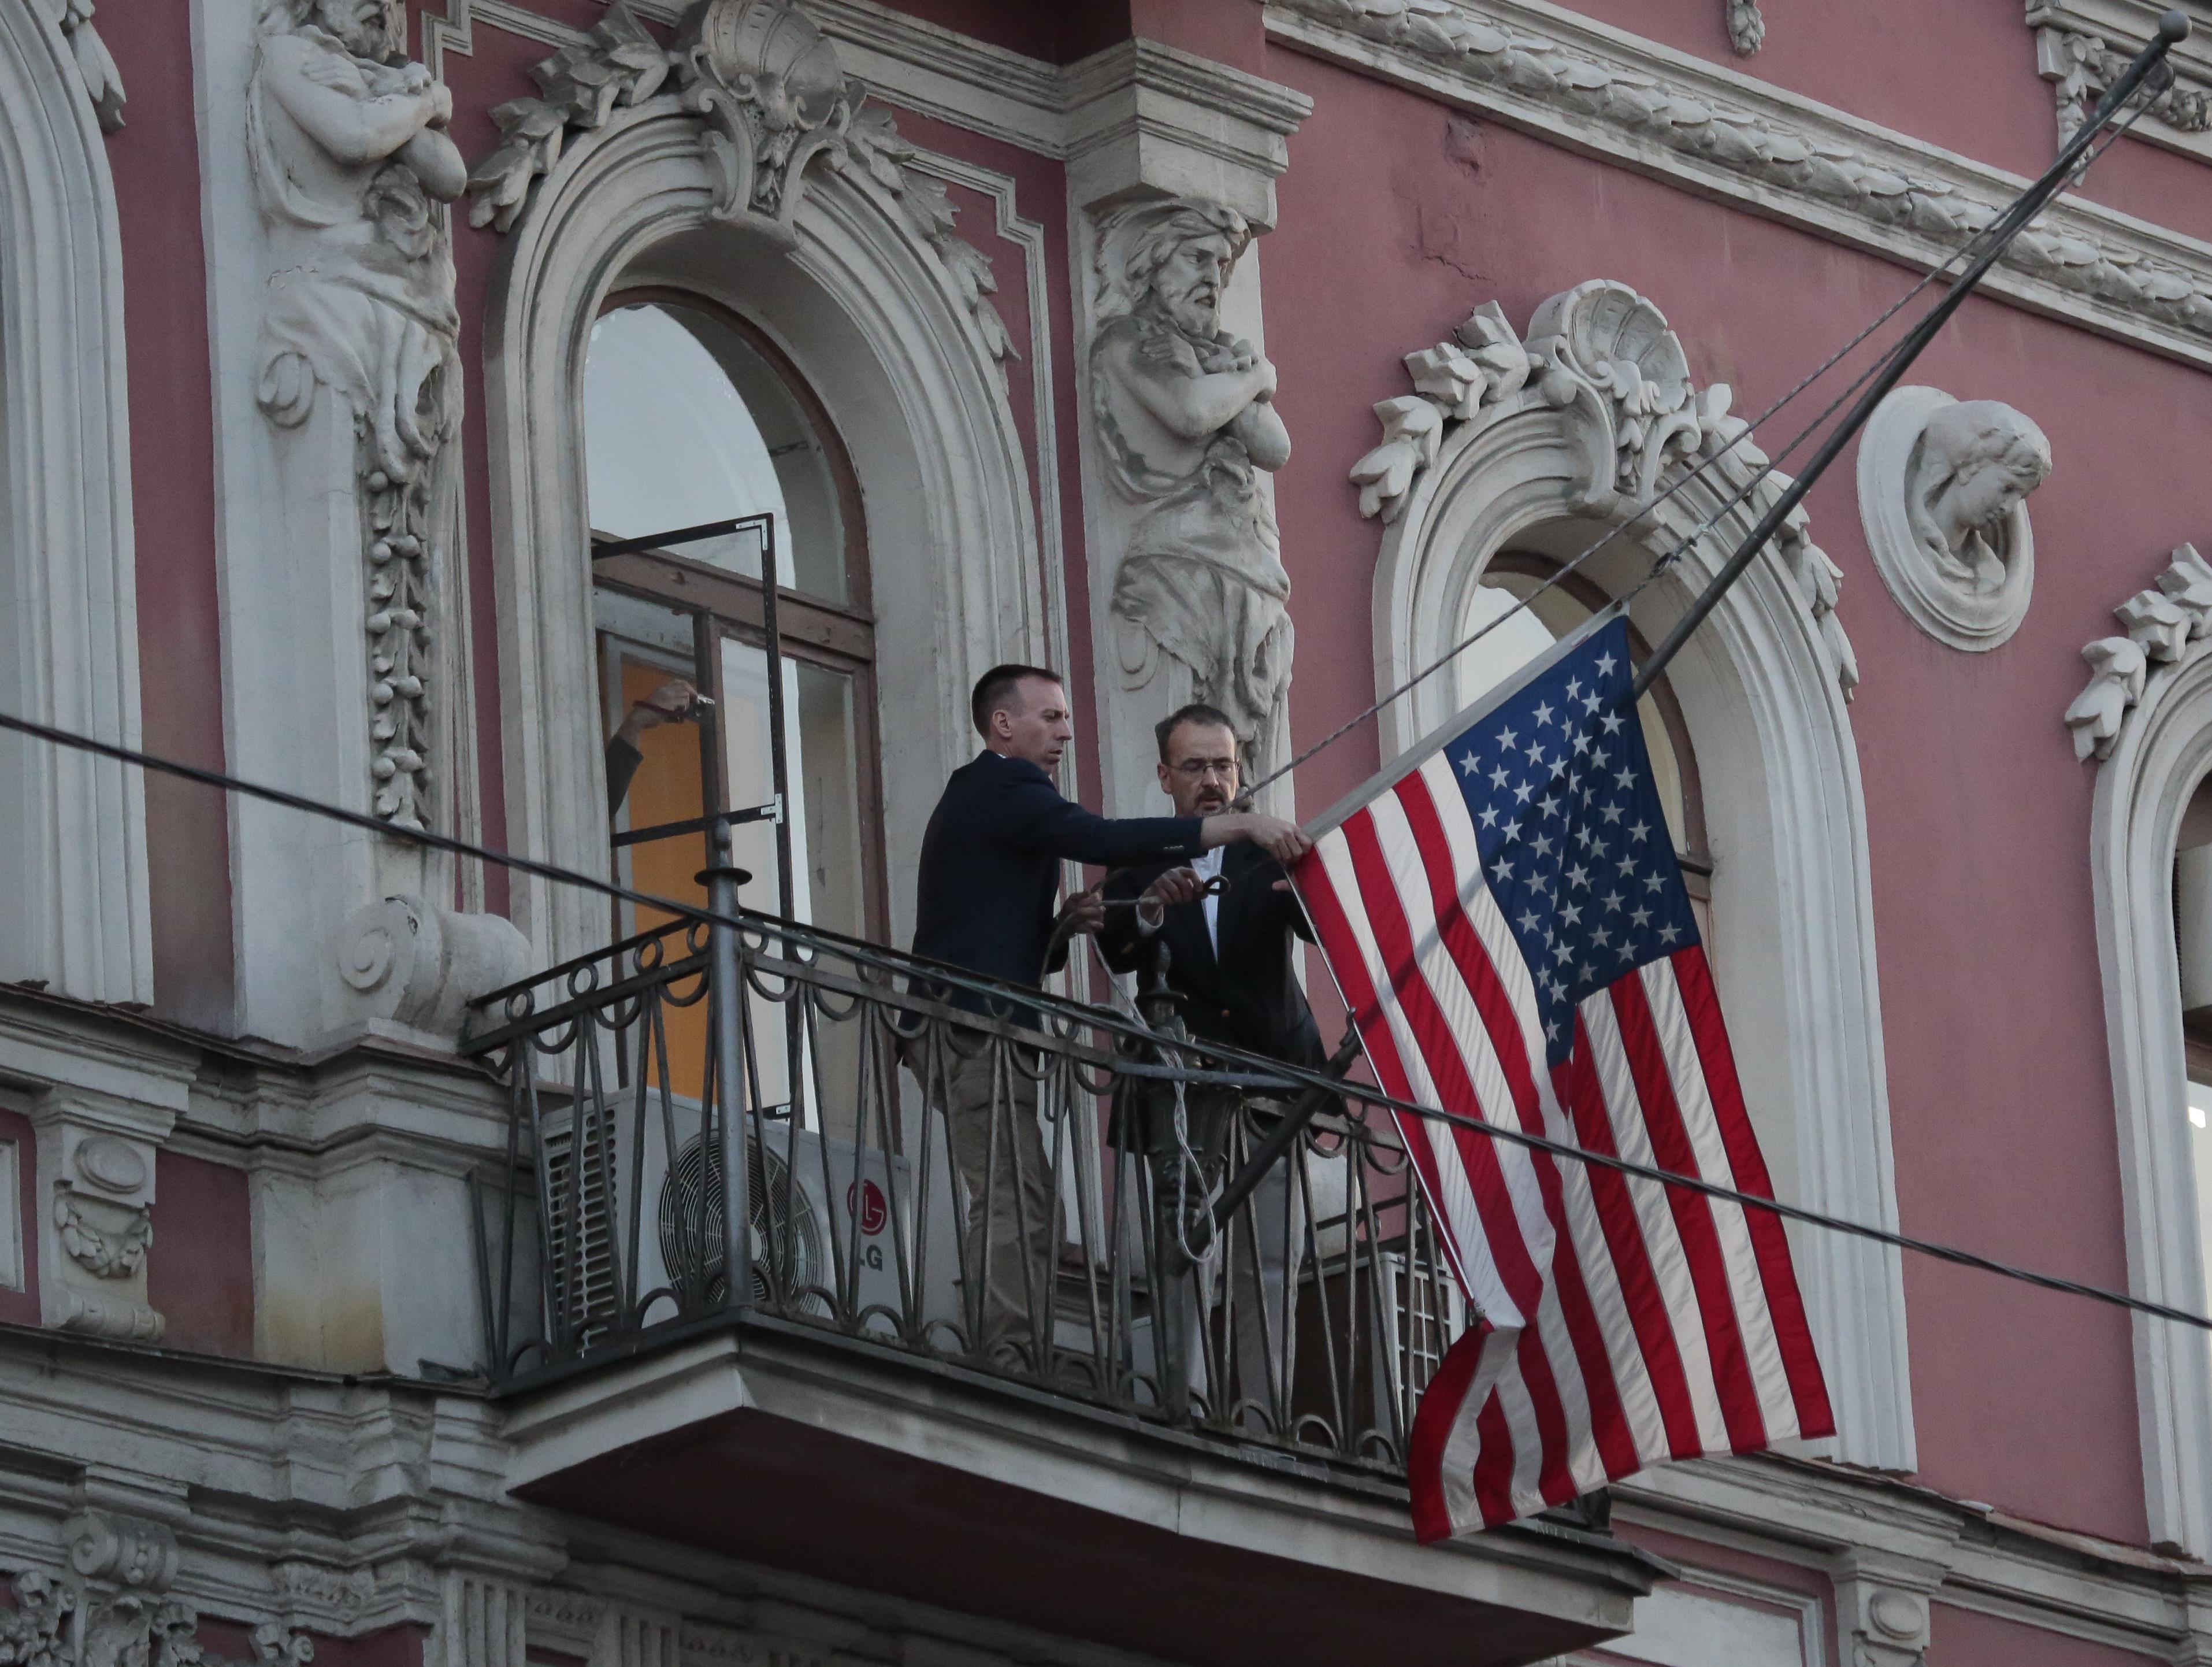 Des employés du consulat des États-Unis à Saint-Petersbourg descendent le drapeau américain de la façade de la bâtisse le 31 mars 2018.